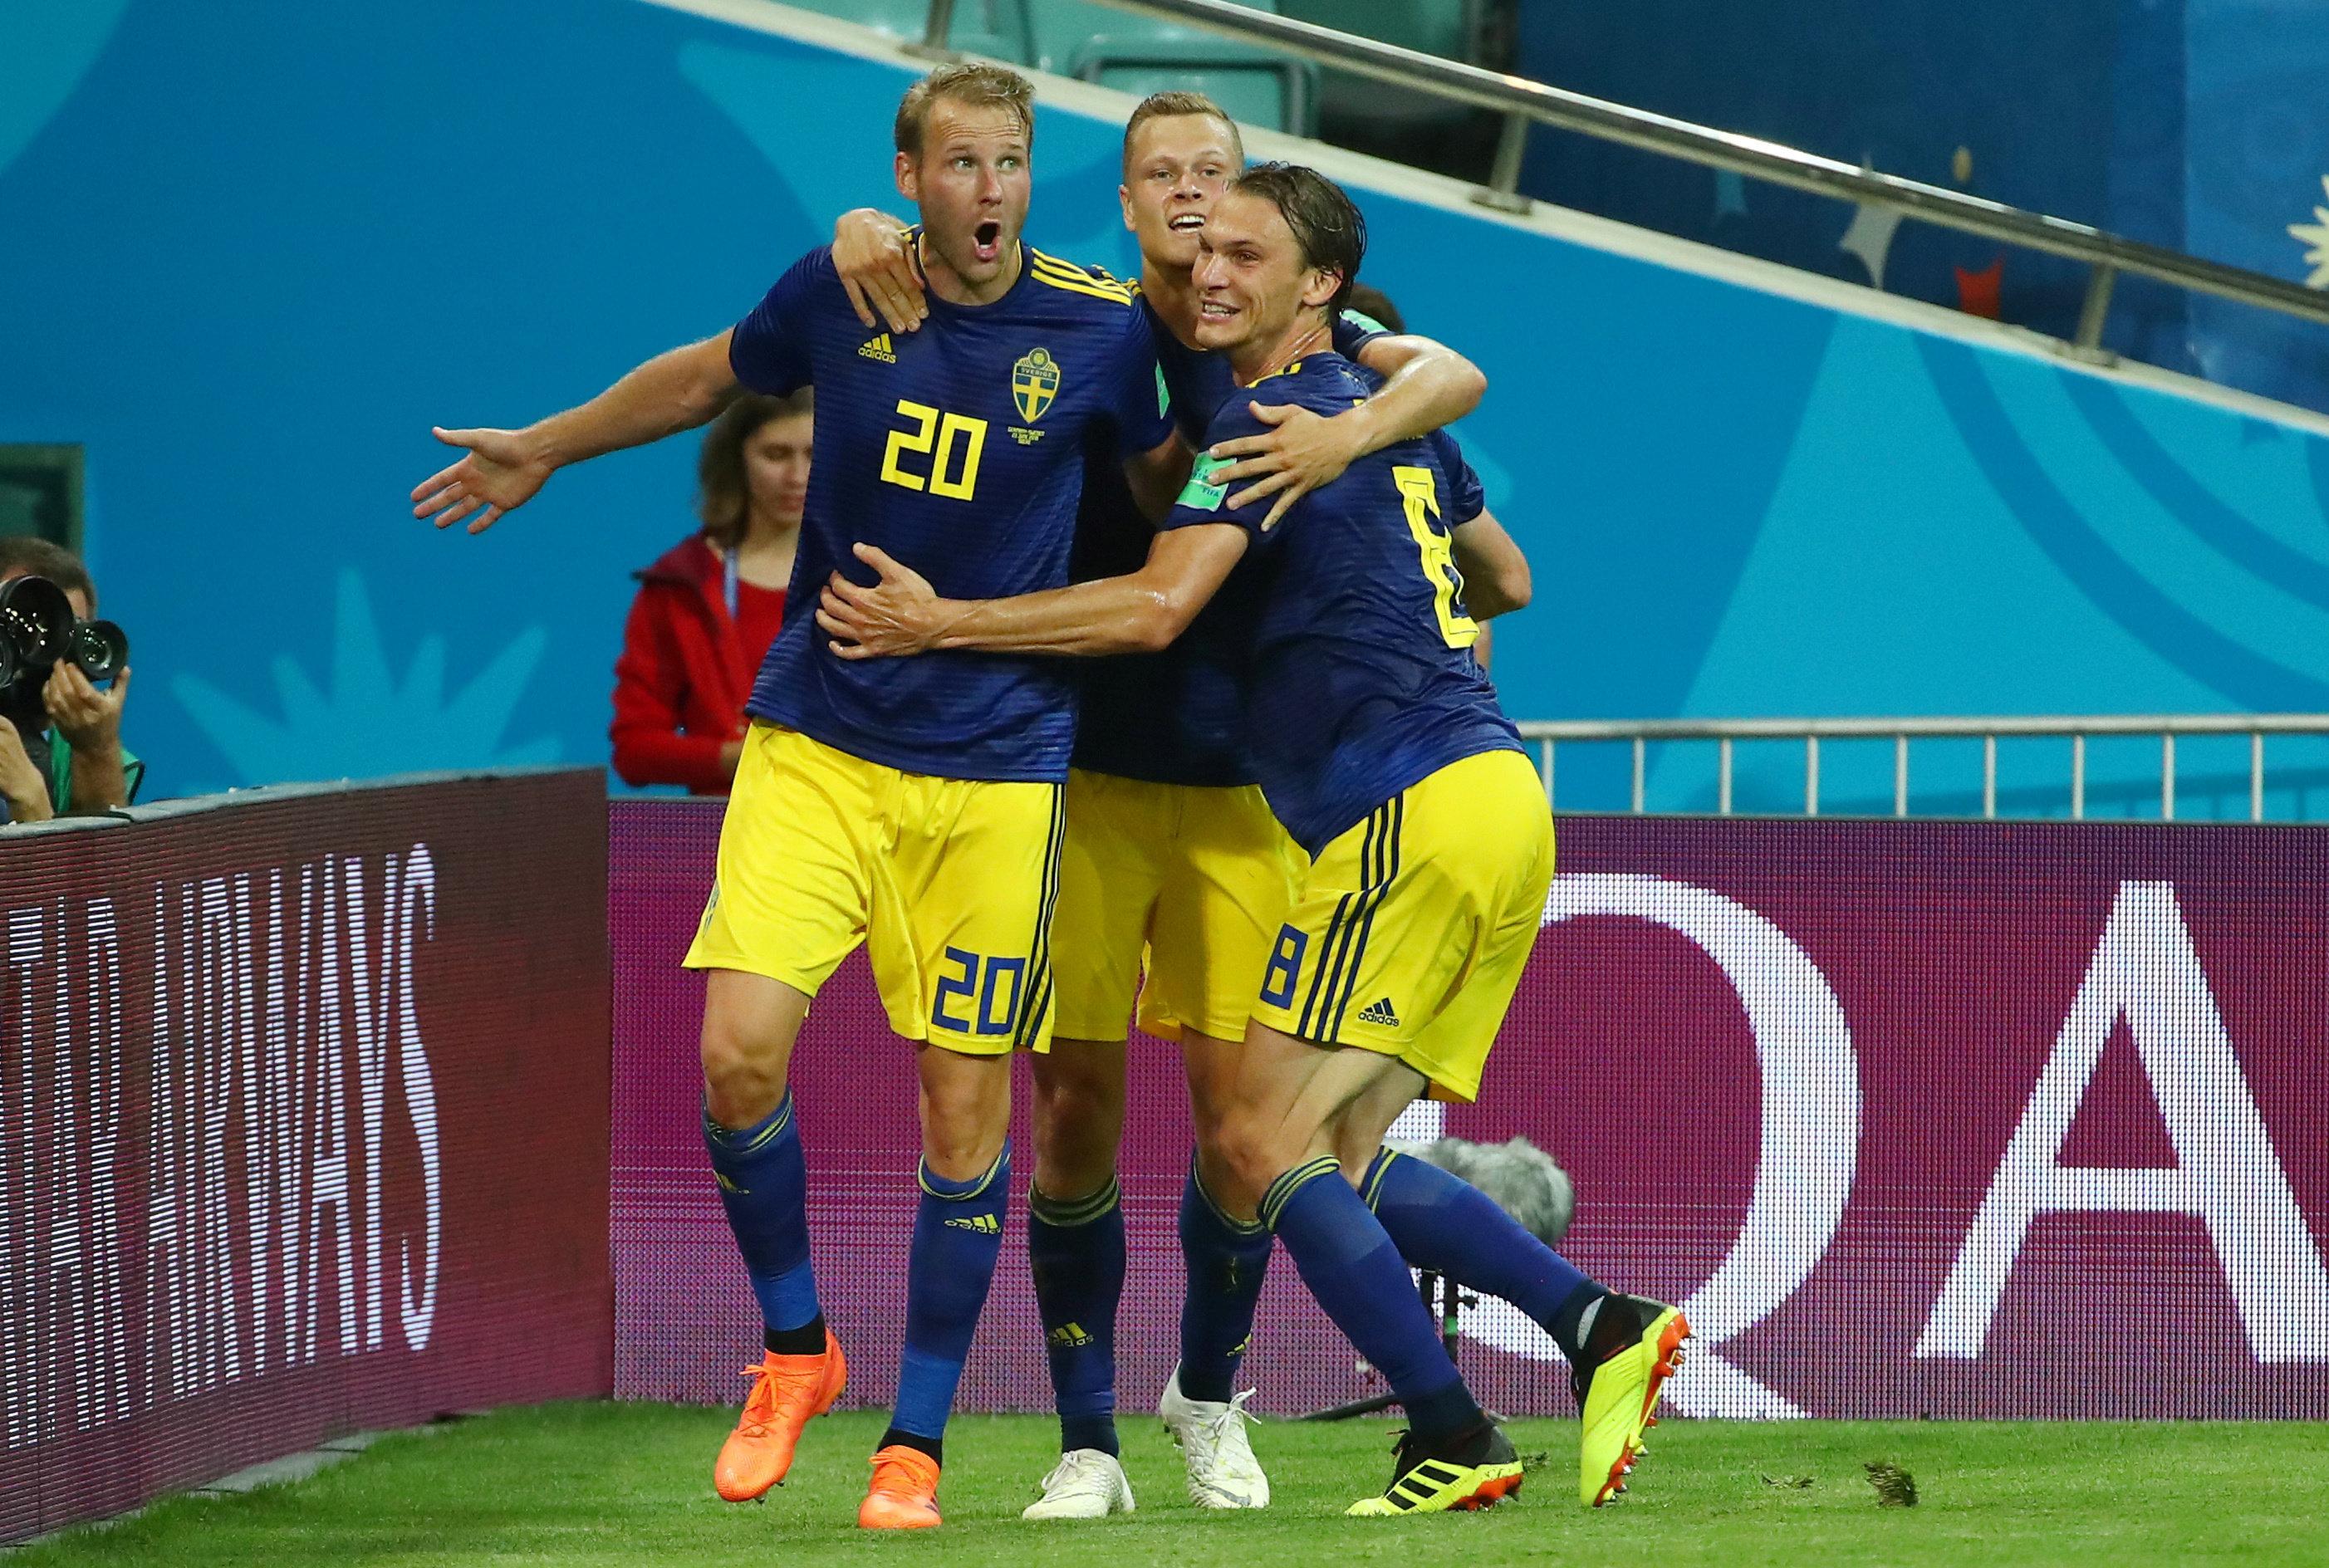 Mexiko – Schweden im Live-Stream sehen: WM in Russland online